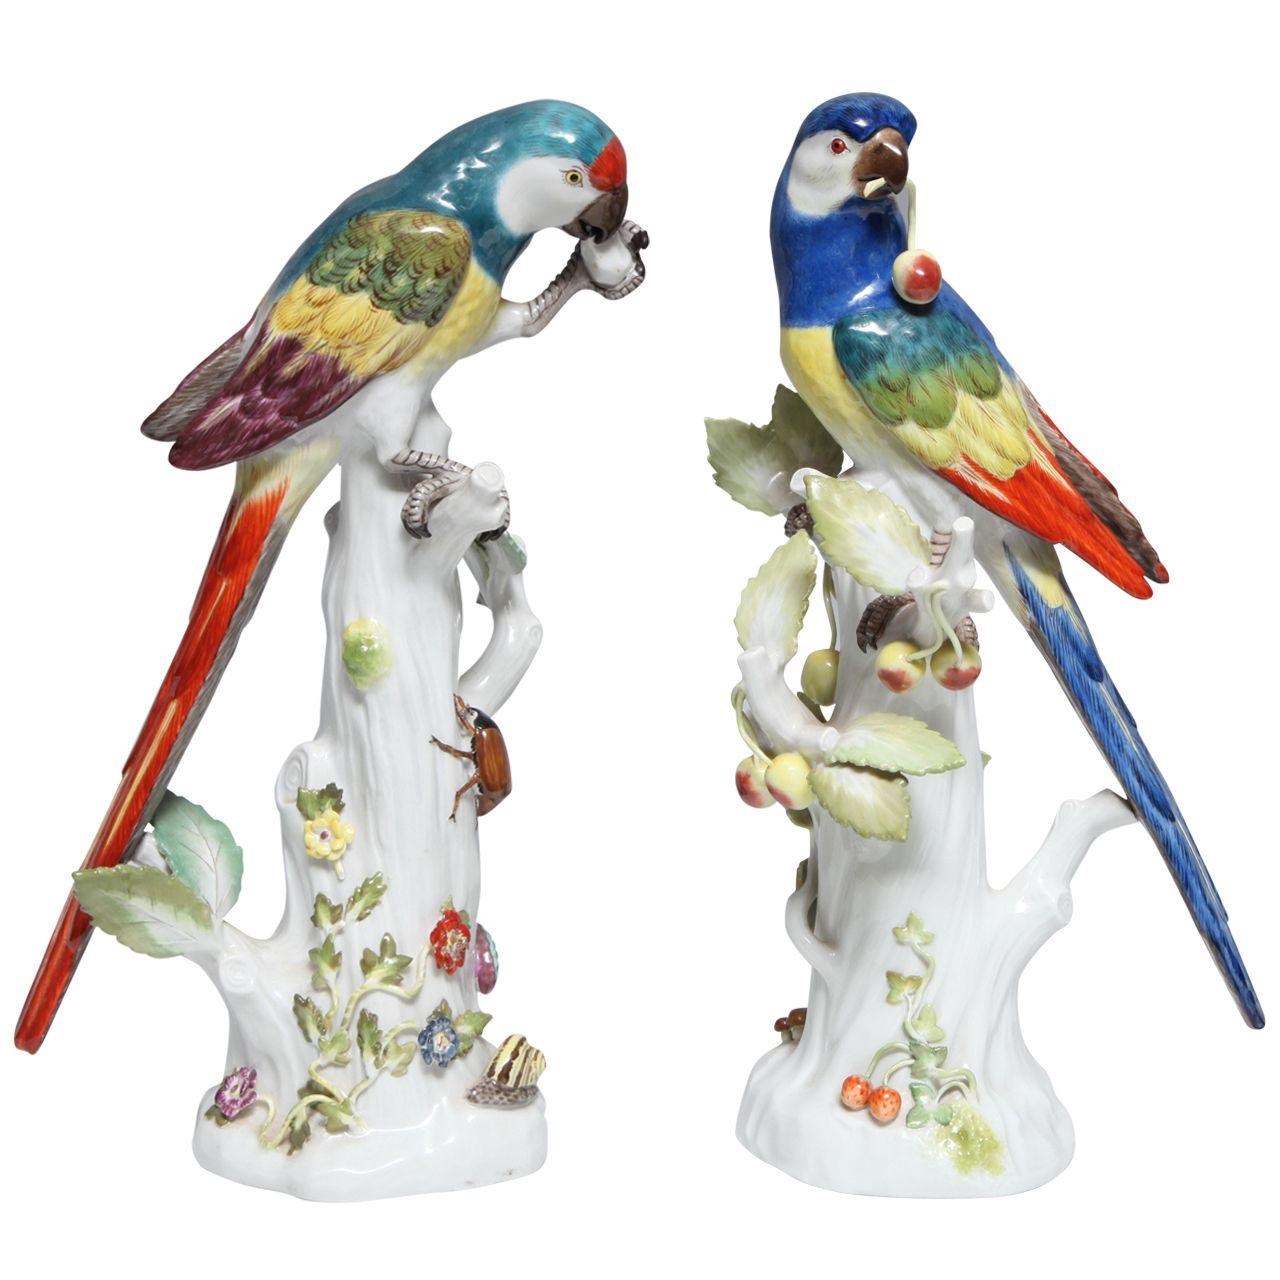 Pair Fine Antique German Meissen Porcelain Sculptures Of Parrots Sculptures Meissen Porcelain Painting